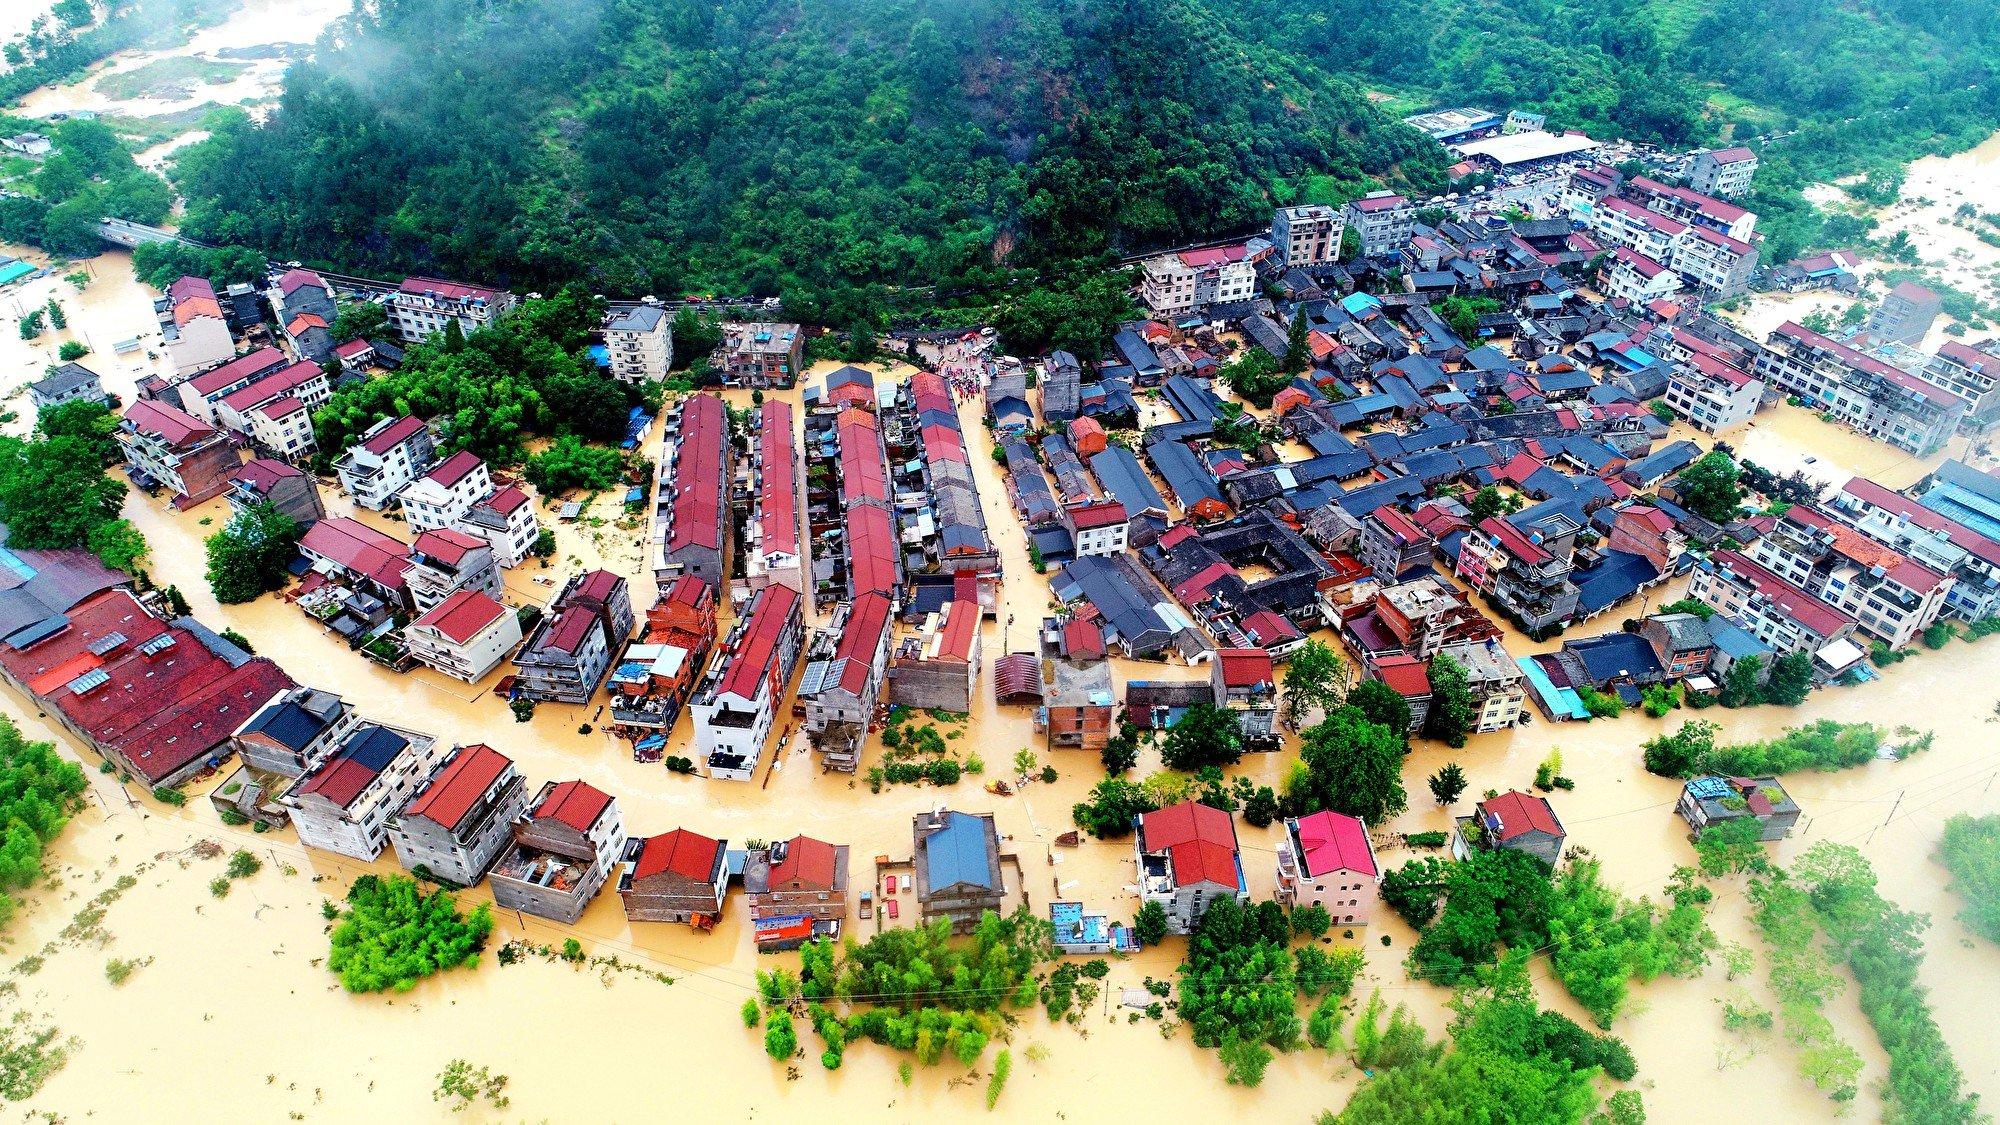 受超強颱風「利奇馬」影響,中共官方公佈已造成至少48死21失蹤。圖為8月10日,浙江台州仙居縣南峰街道清口園村一片汪洋。(無人機拍攝)(大紀元資料室)